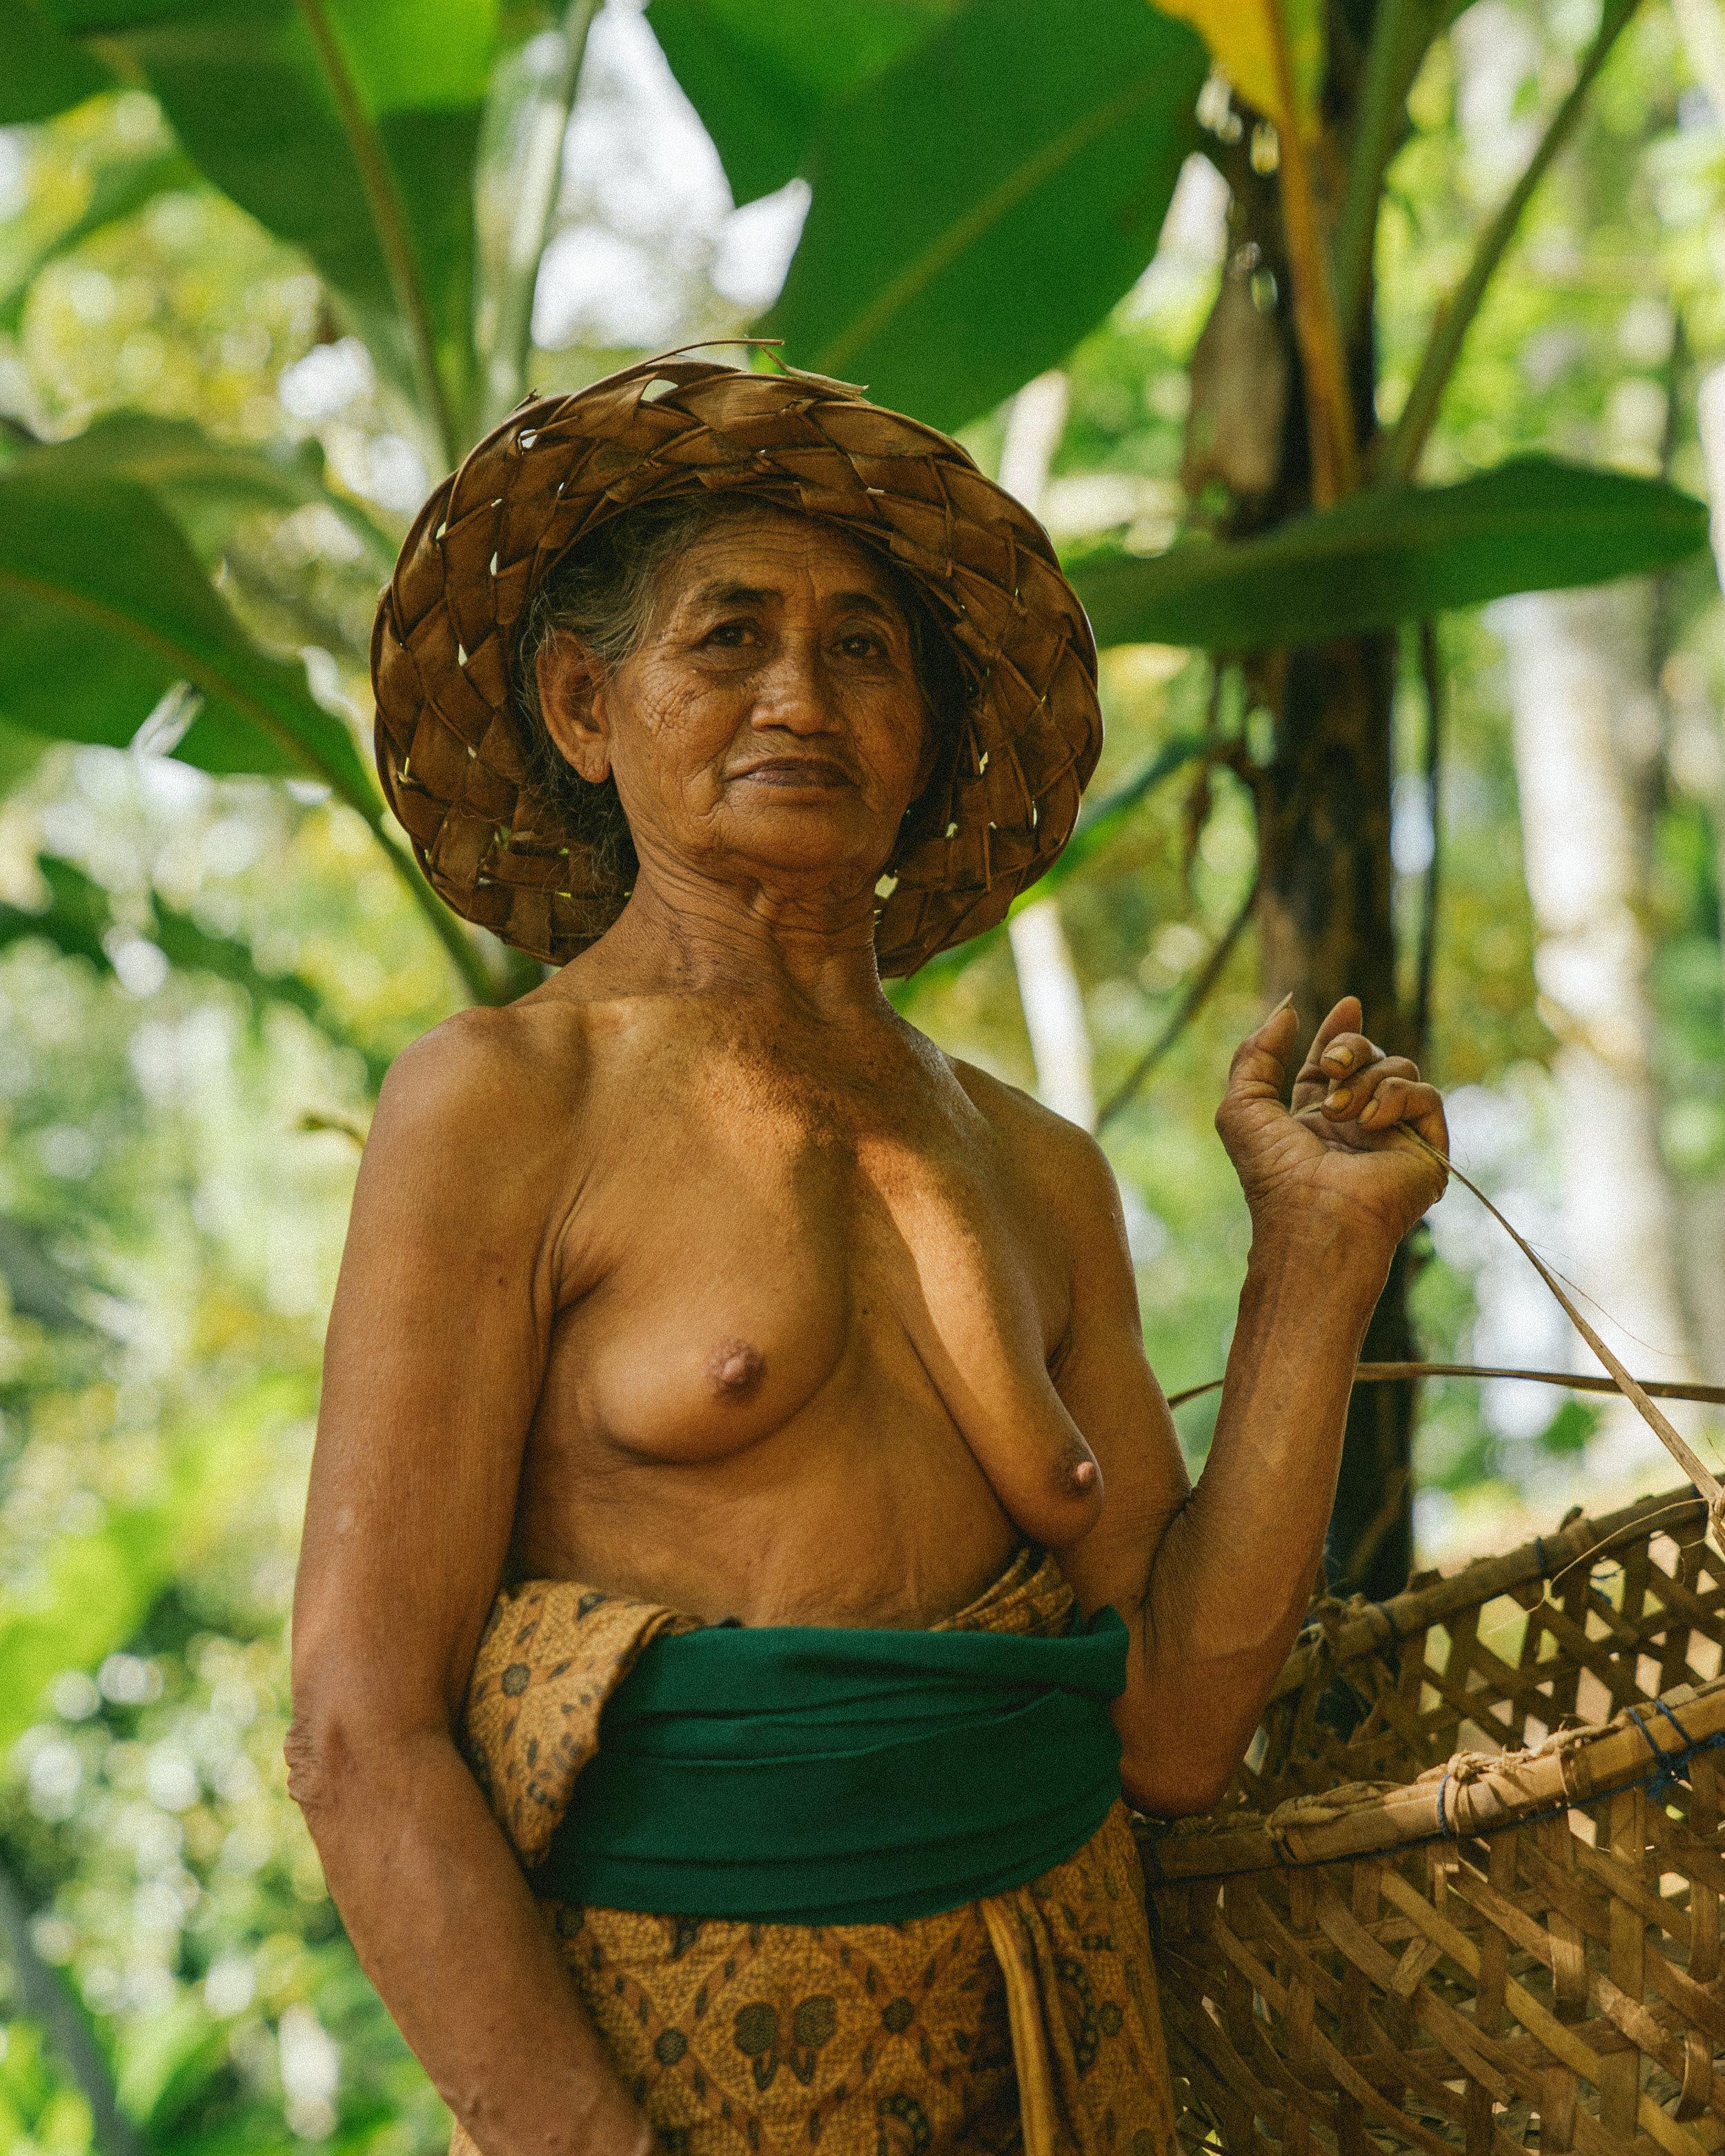 Tegalalang, Bali, Indonesia